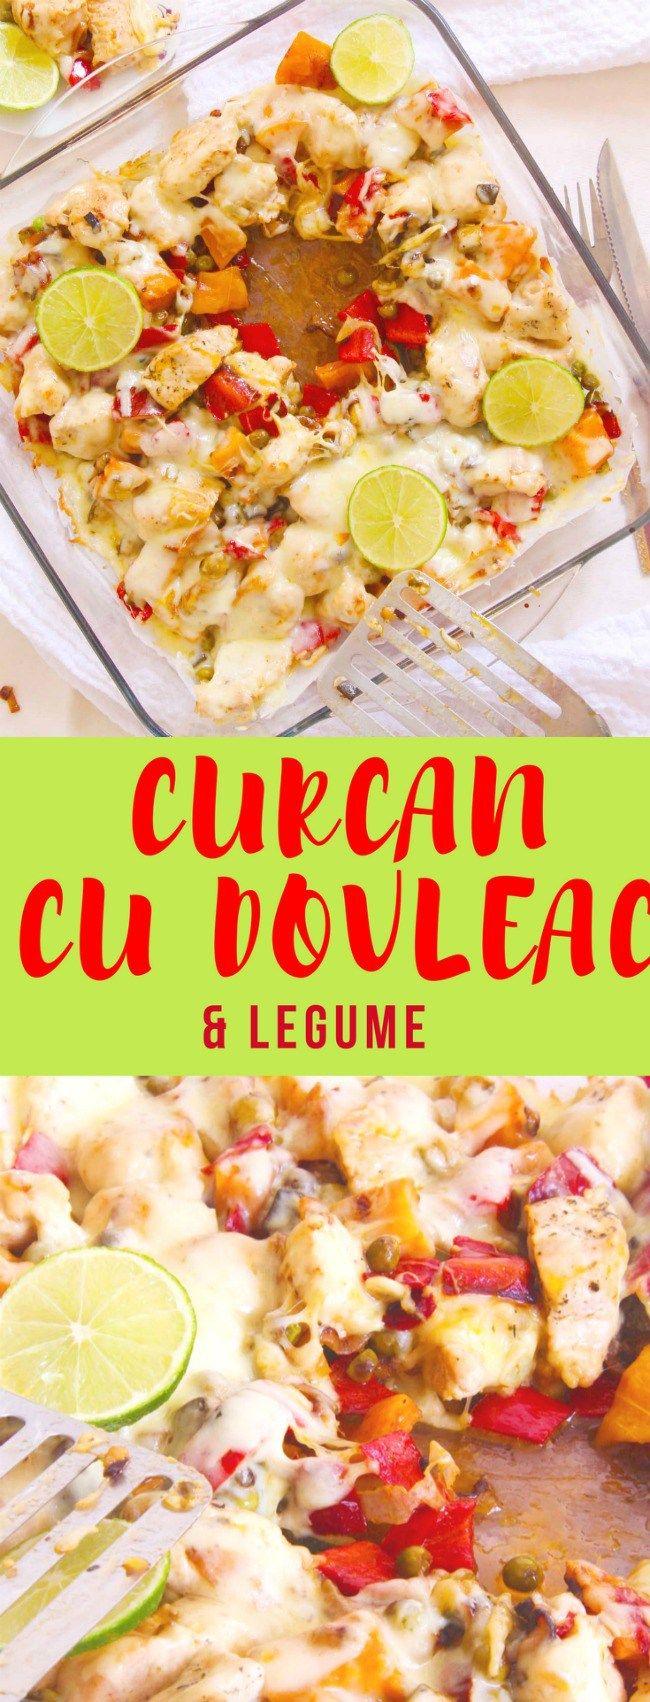 CURCAN CU DOVLEAC SI LEGUME - Delicioasa și gatita in cuptor până la perfecțiune, această reteta de curcan cu dovleac la cuptor este cea mai bună idee de cina pentru cei foarte ocupati! Super usor de facut, sanatos si satios!  #curcan #legume #dovleac